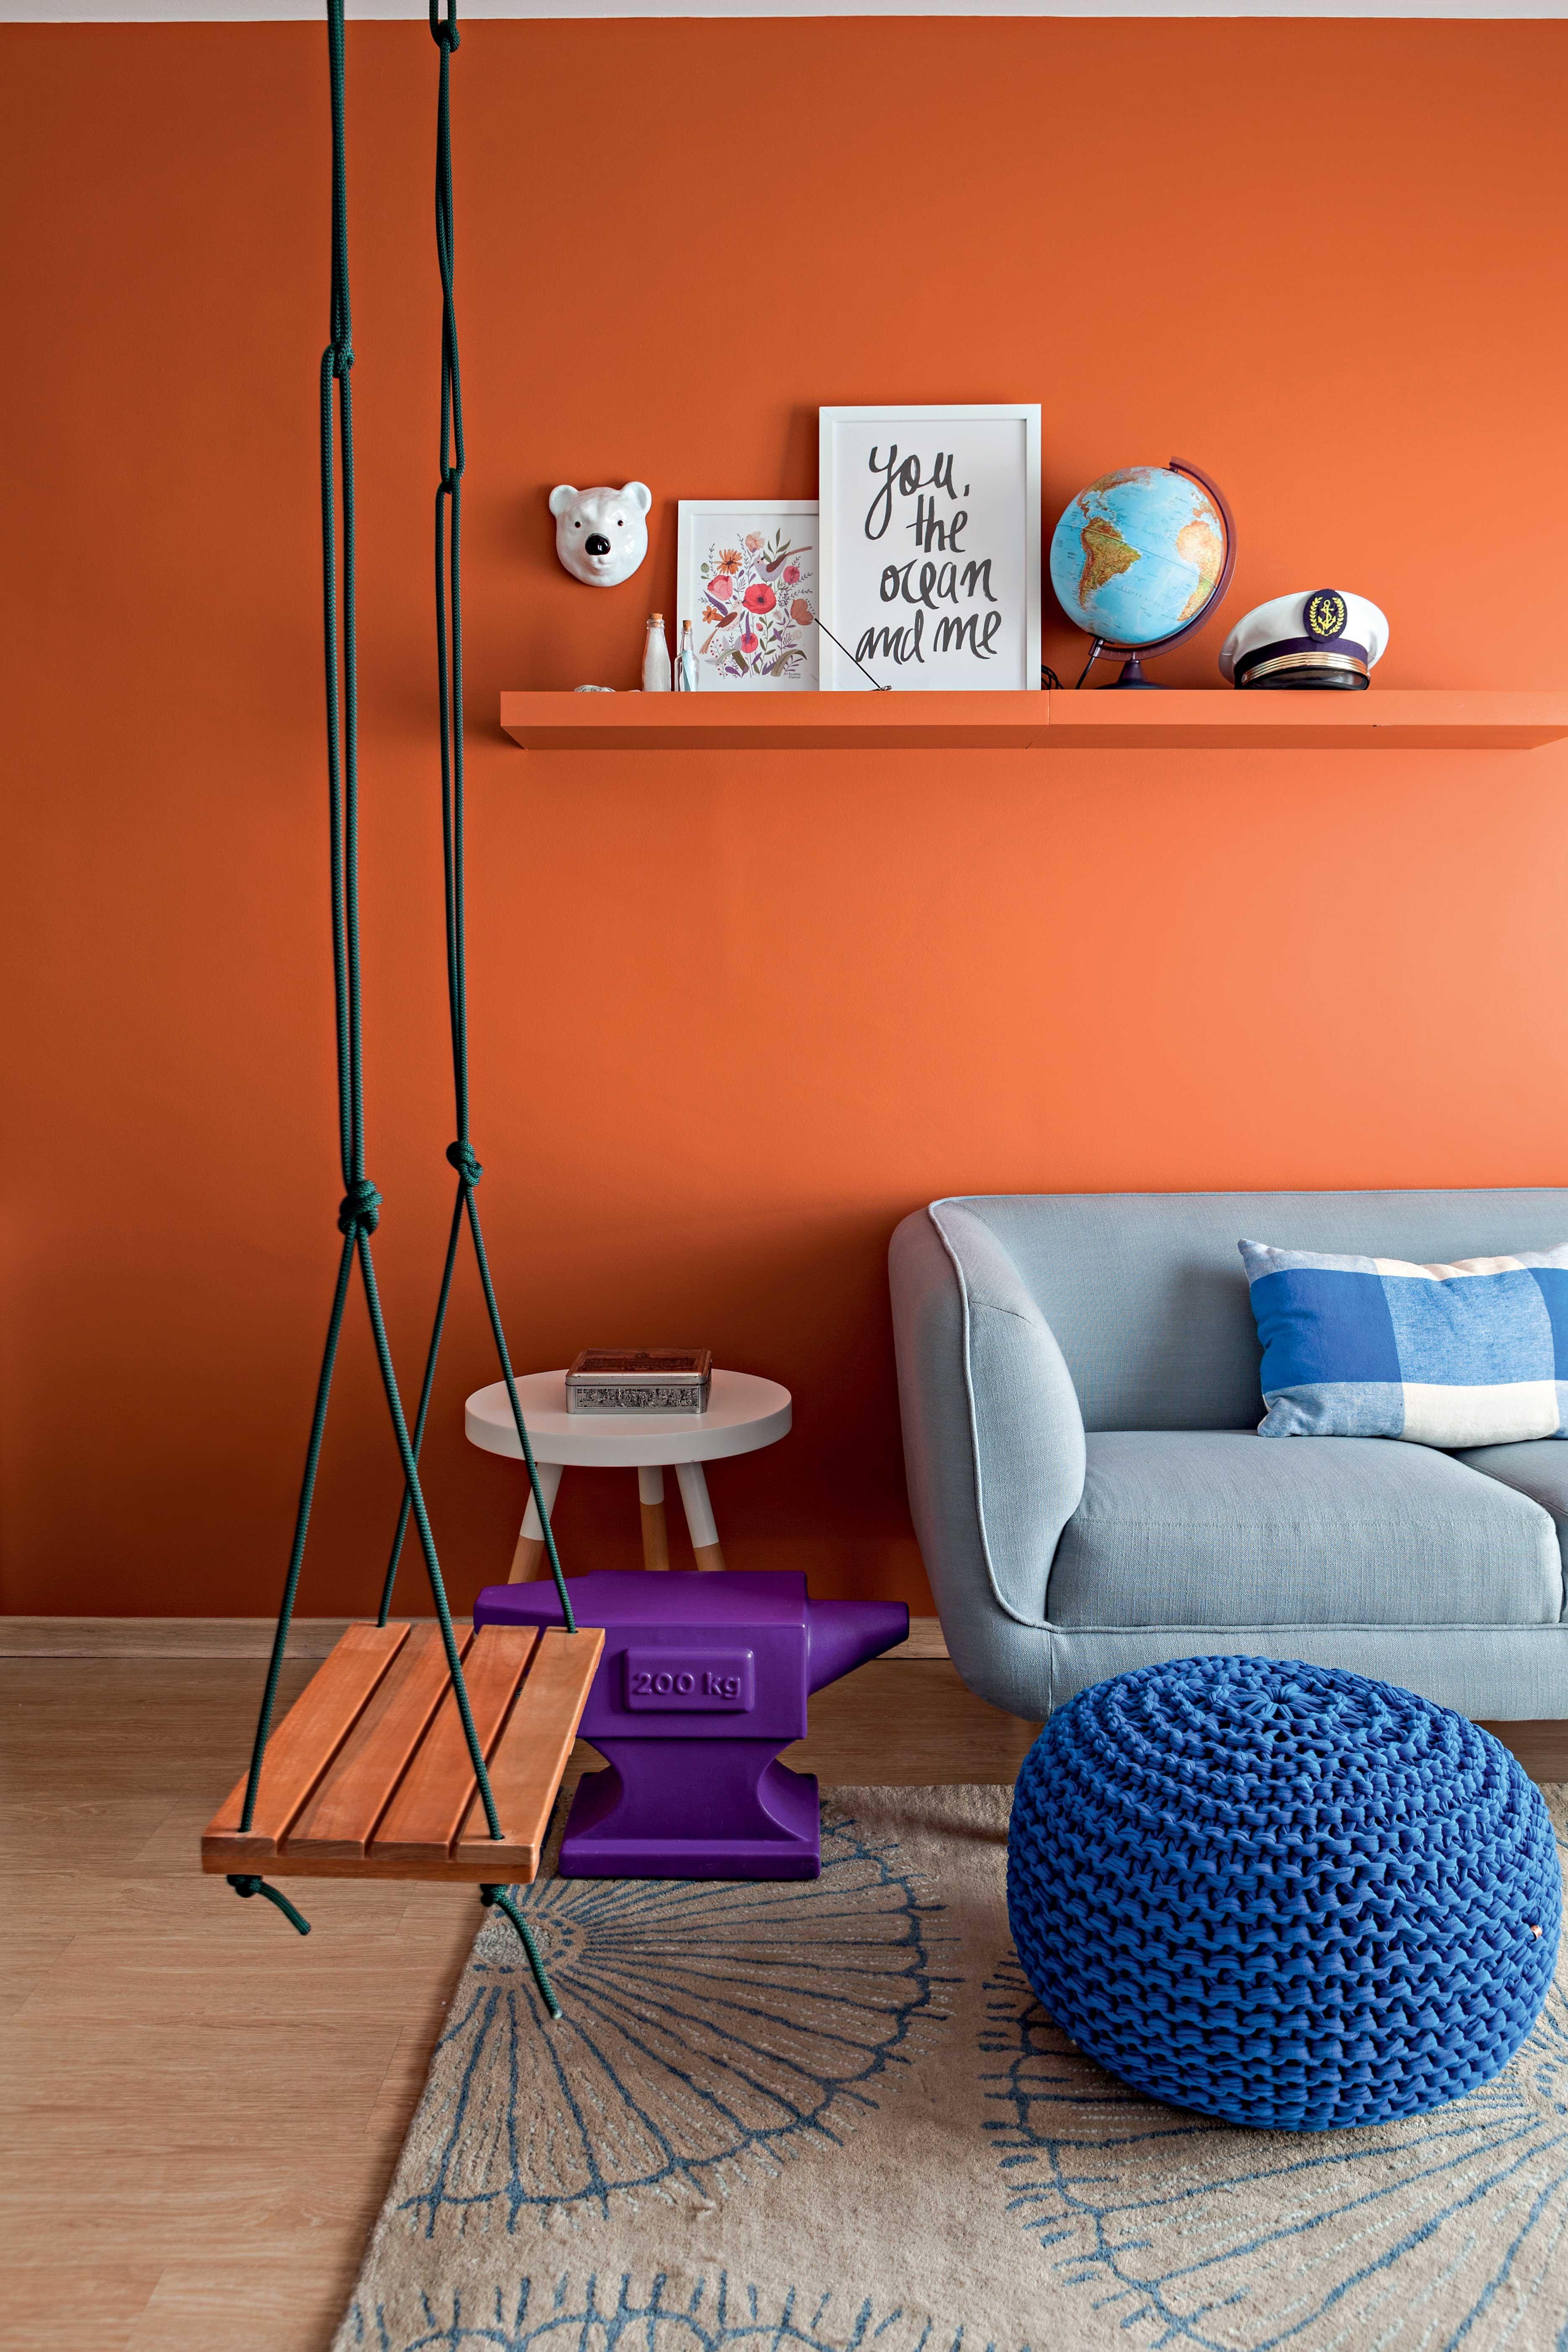 4 dicas do 'Decora' para salas que você pode fazer na sua decoração (Foto: Lufe Gomes e André Klotz)